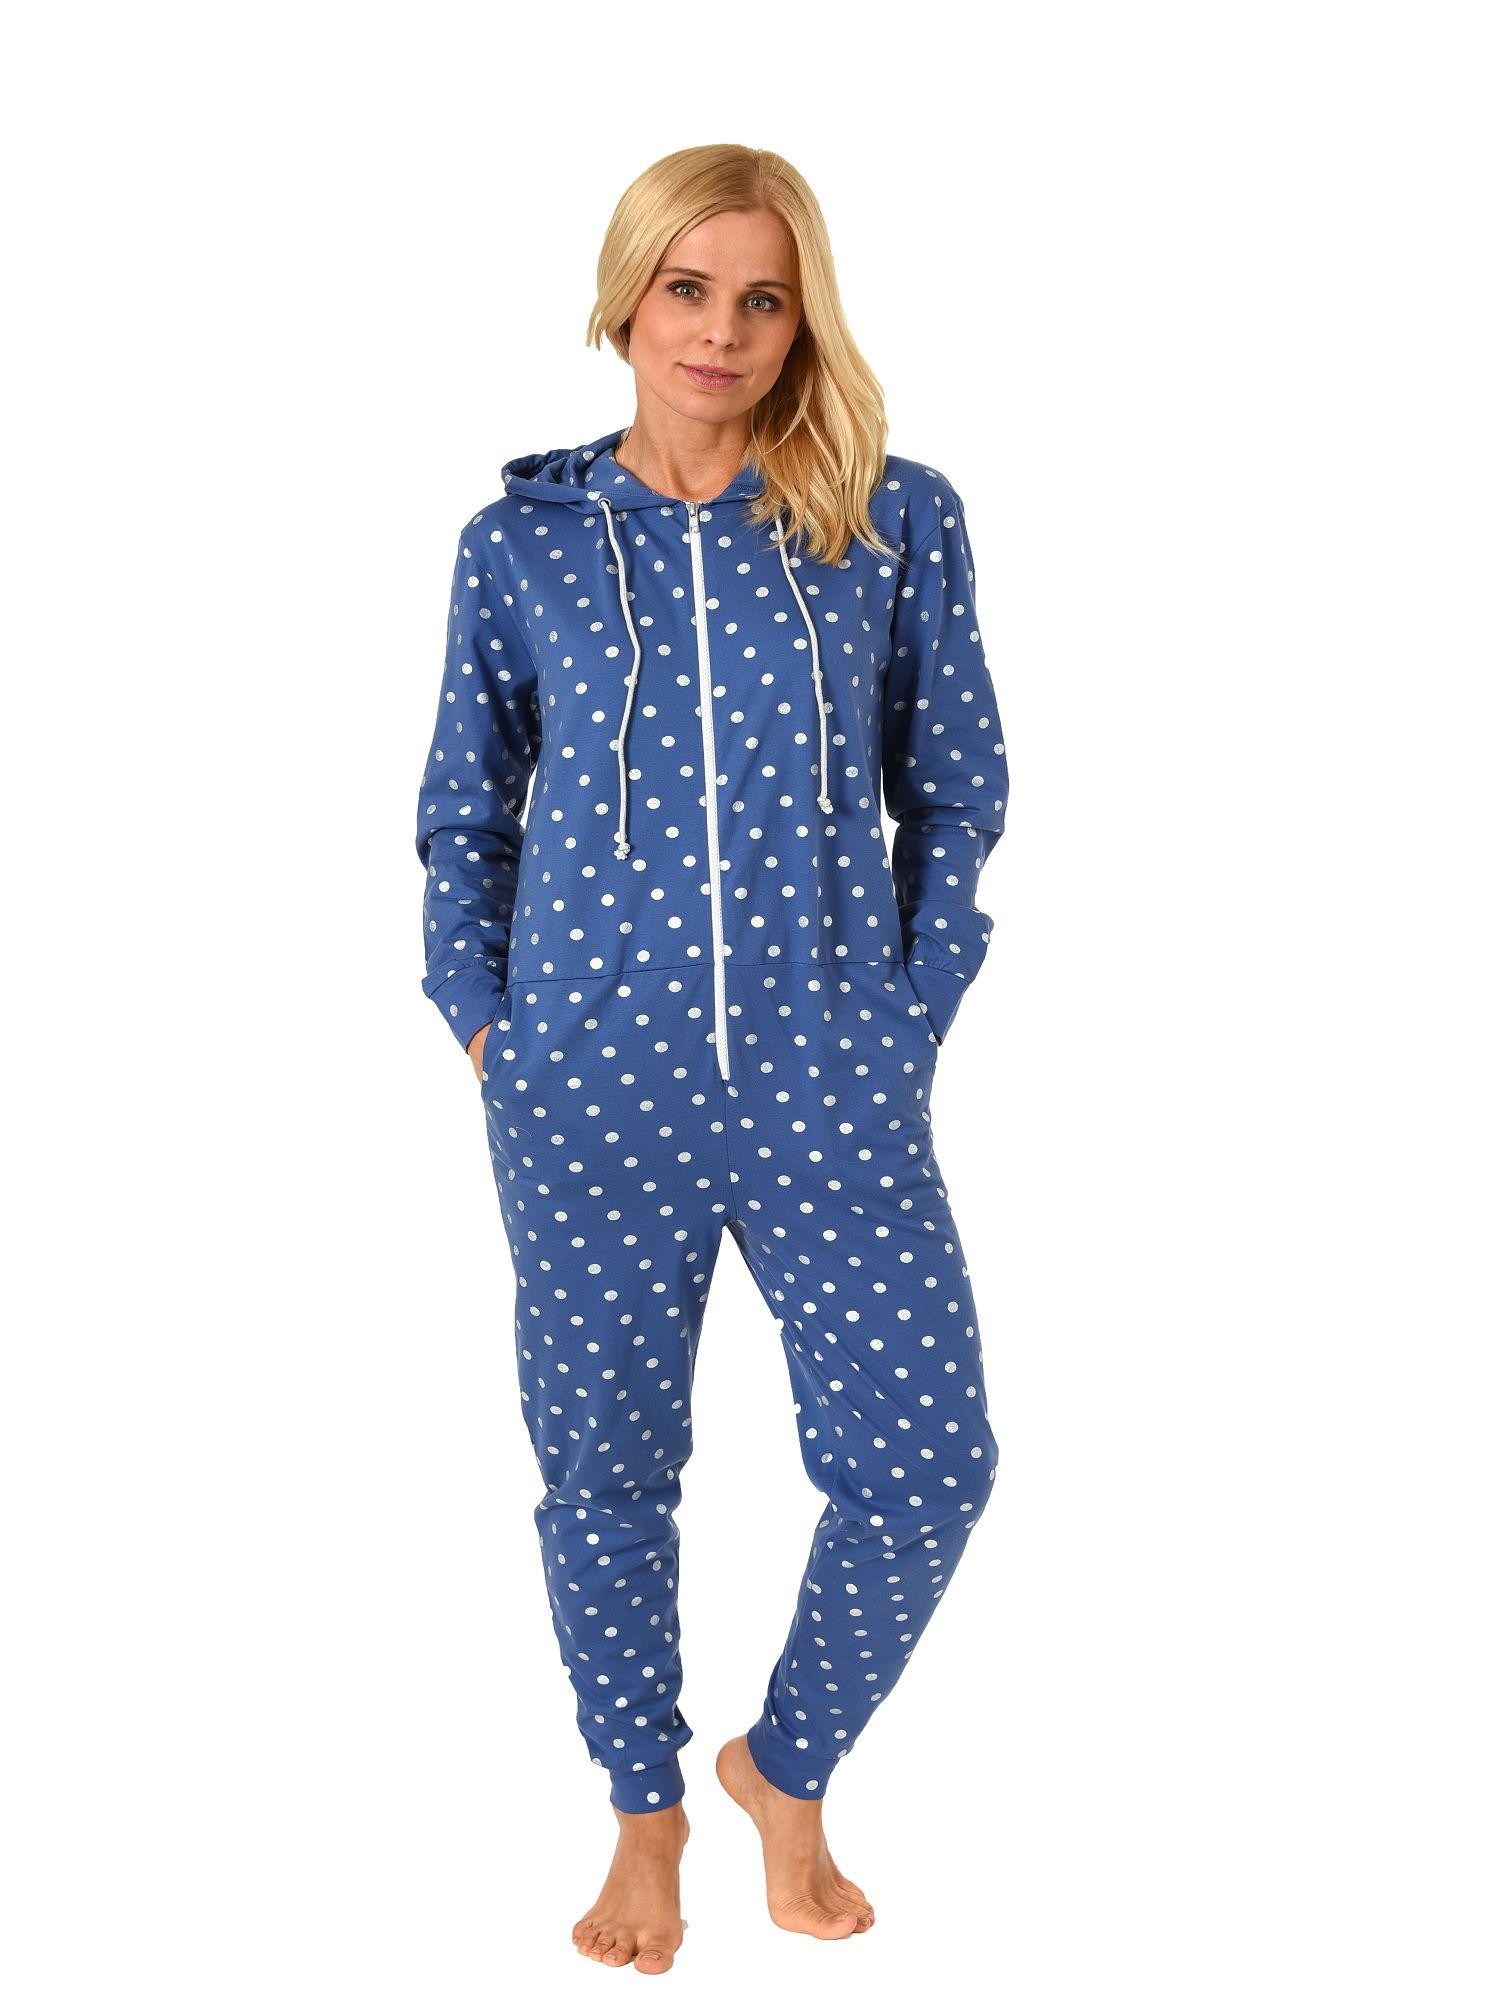 promo code 6d390 ddc83 Normann Damen Schlafanzug Einteiler Jumpsuit Overall langarm Tupfendesign  181 267 90 102